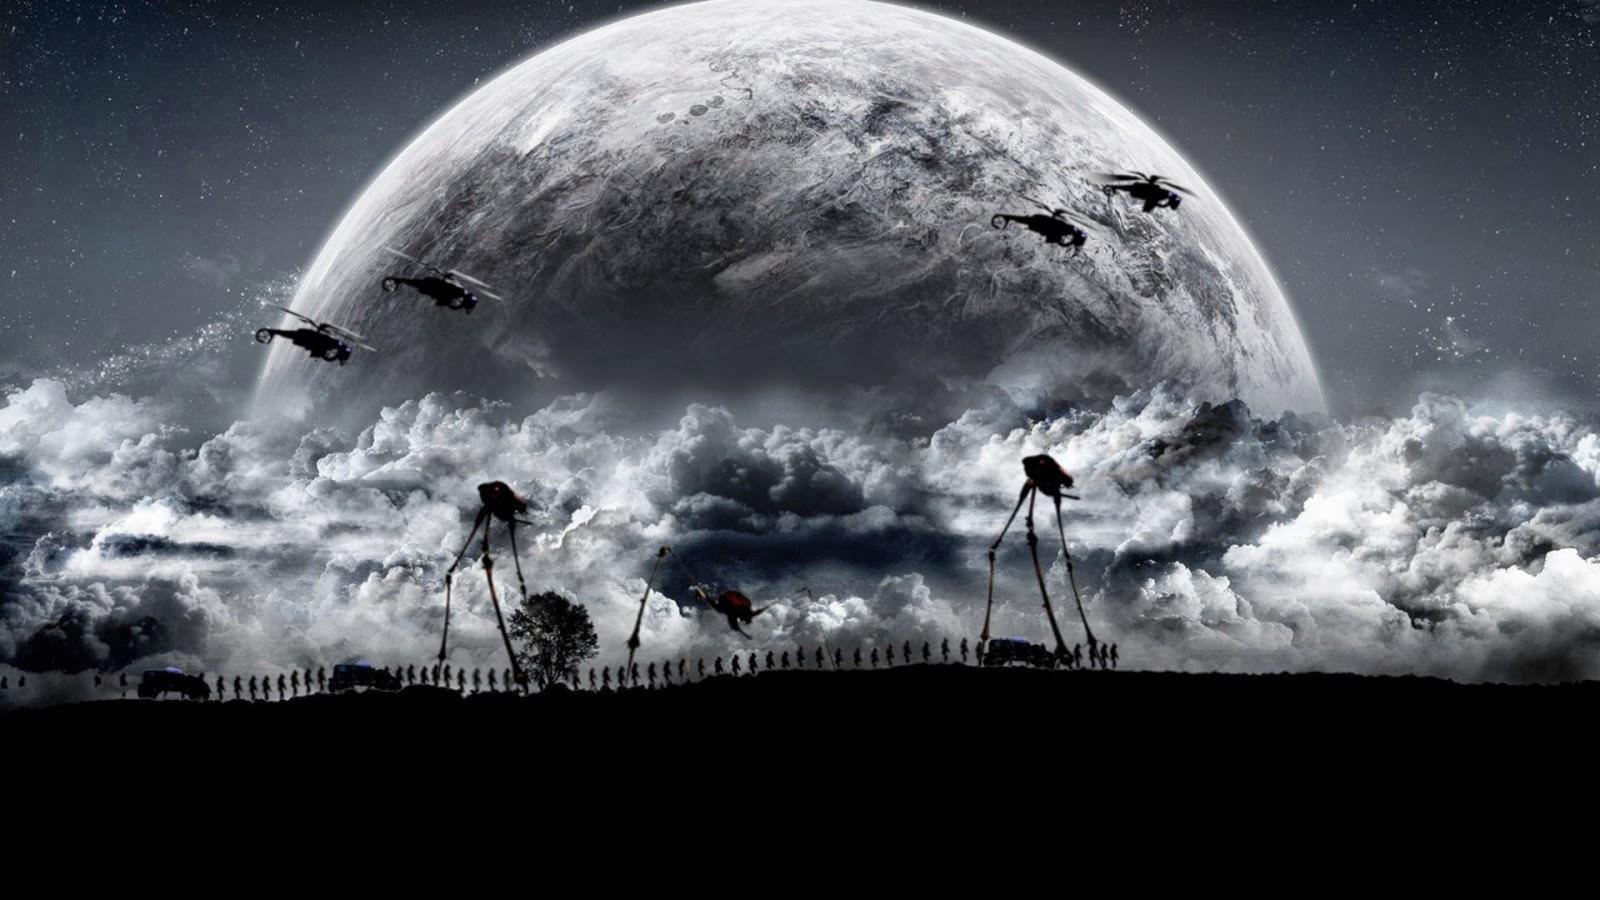 بالصور صور للقمر , اجمل صور القمر 2521 2